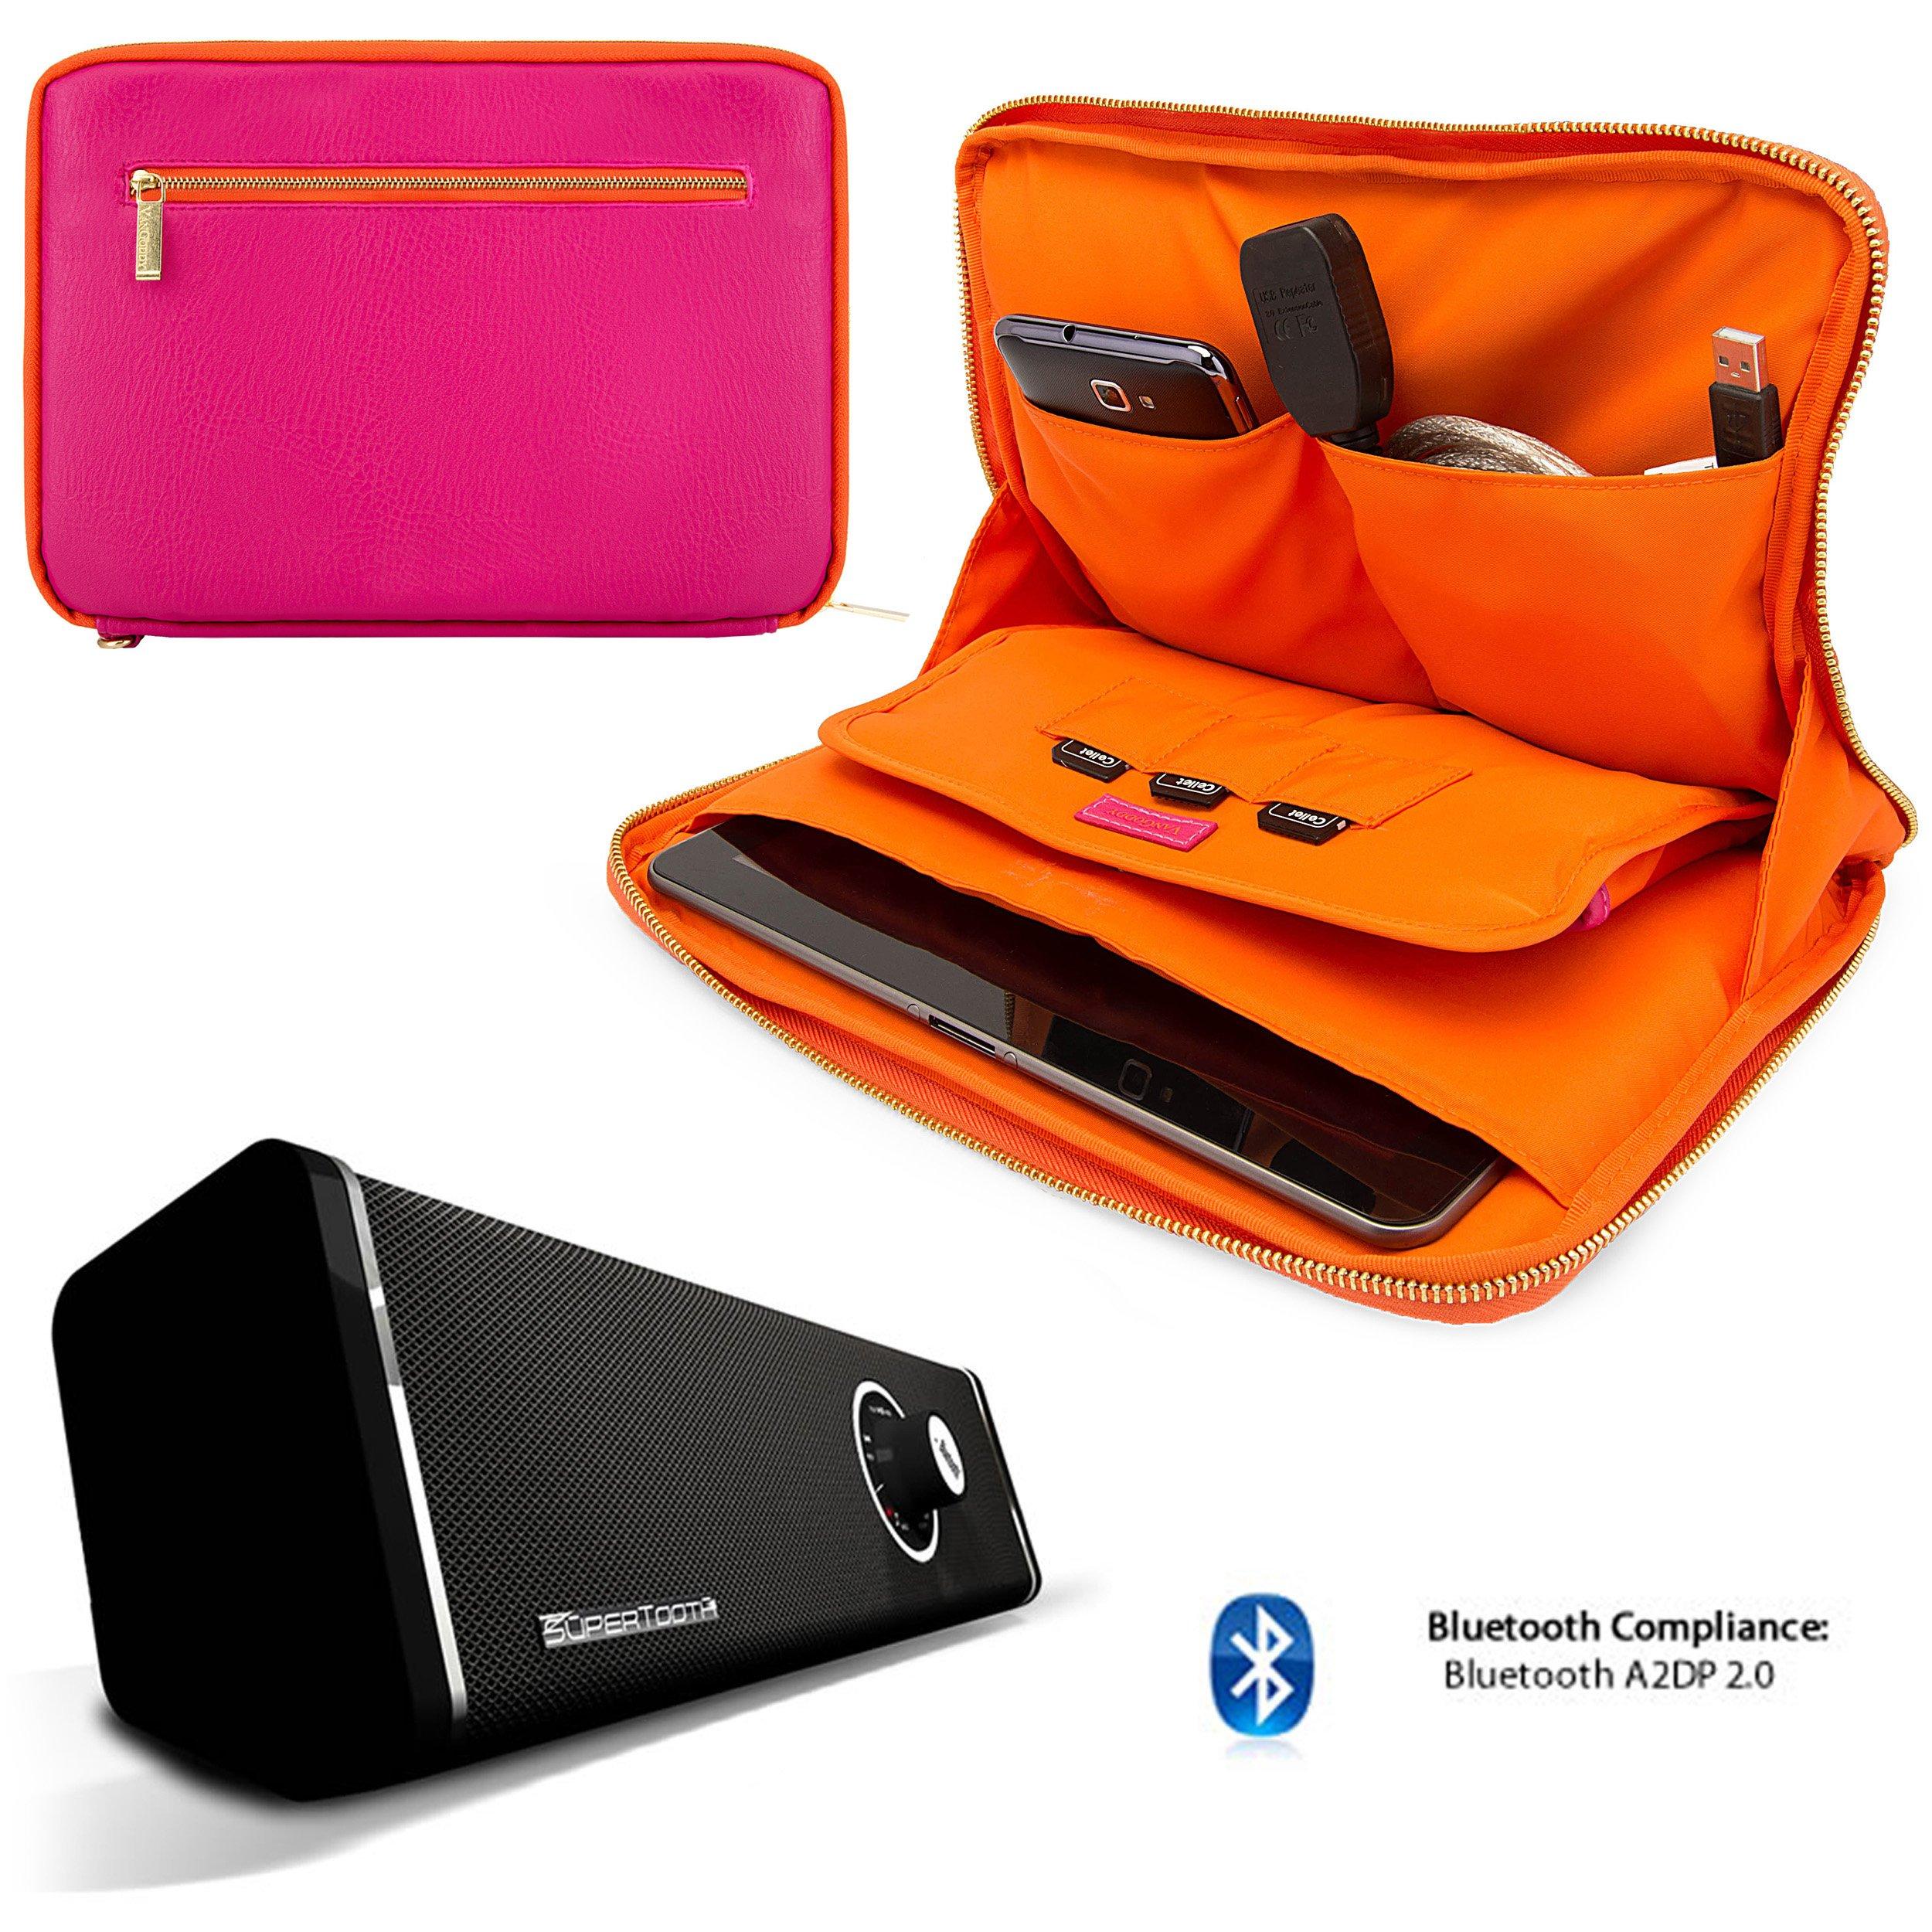 Travel Leatherette Sleeve For Samsung Galaxy Tab S 10.5 / Galaxy Tab 4 10.1 / Galaxy Tab Pro 10.1 + Bluetooth Speaker by VangoddyCase